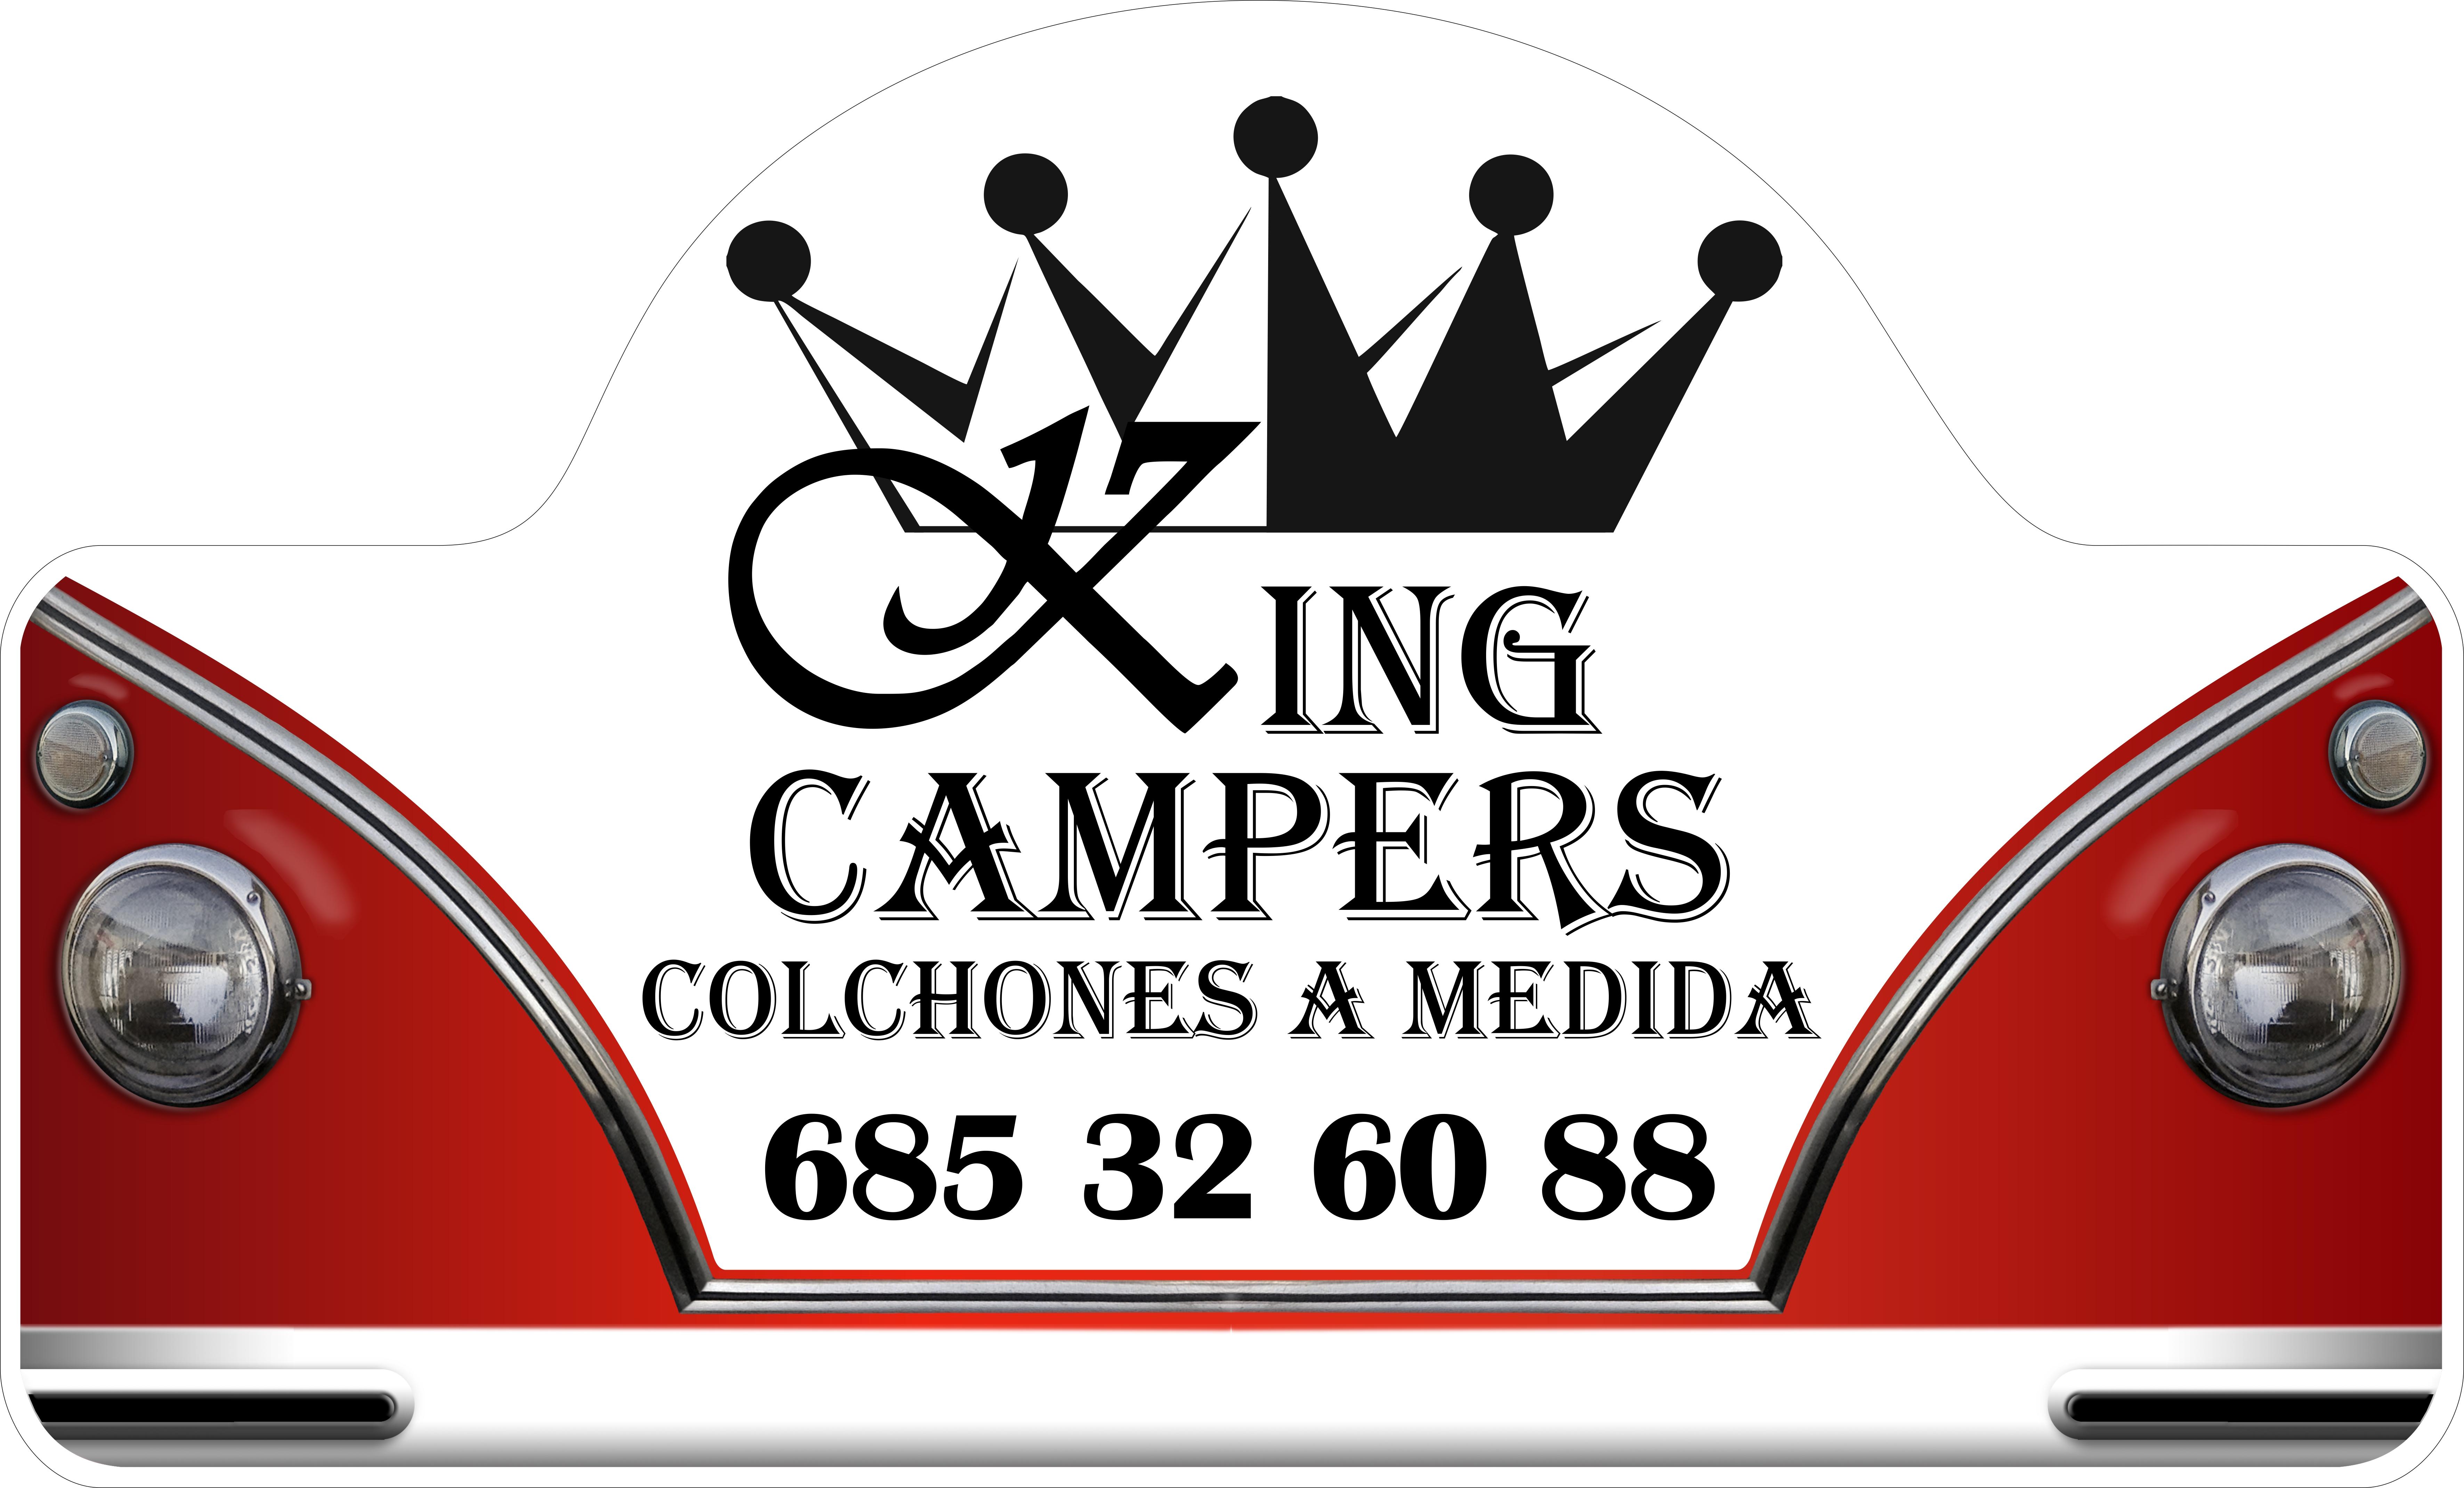 Colchones a medida kingcampers for Espuma a medida barcelona